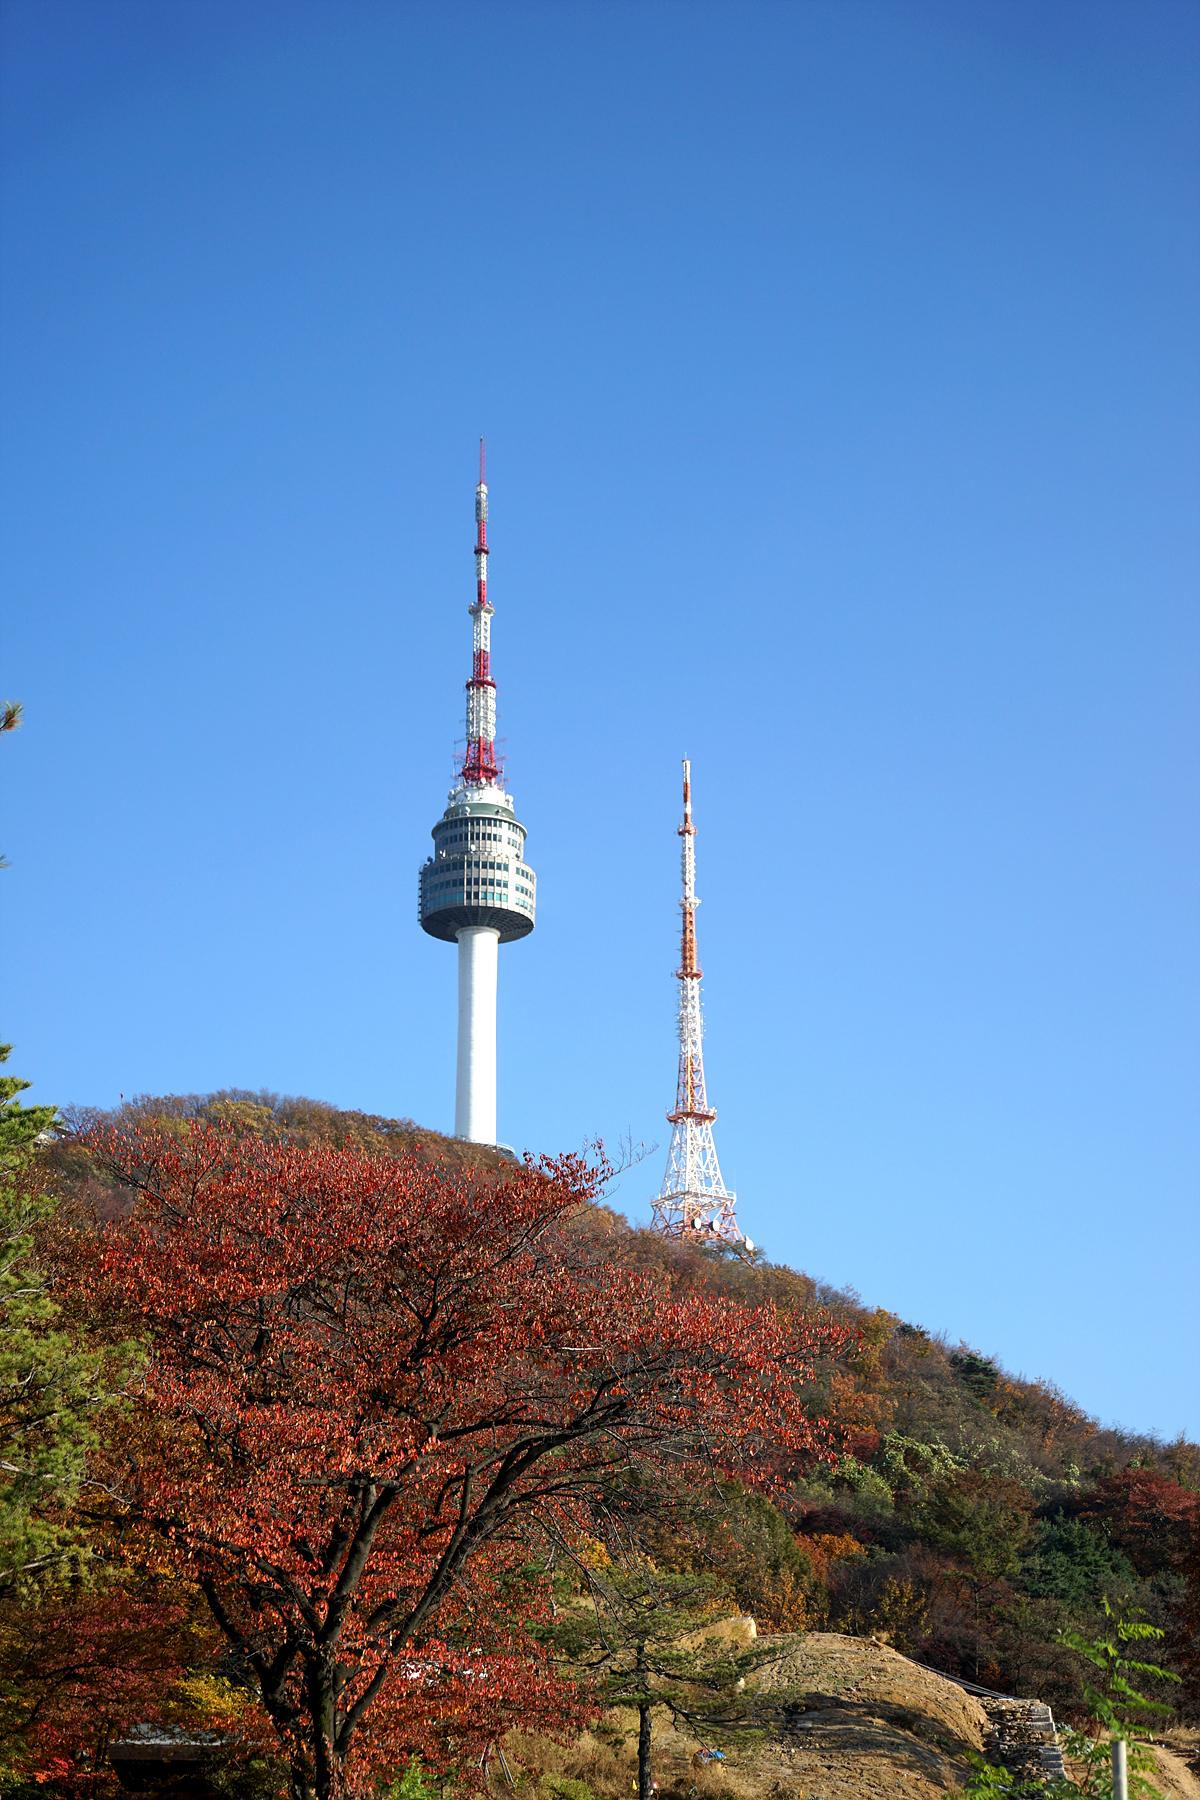 남산 계단으로 오르며 바라본 남산타워